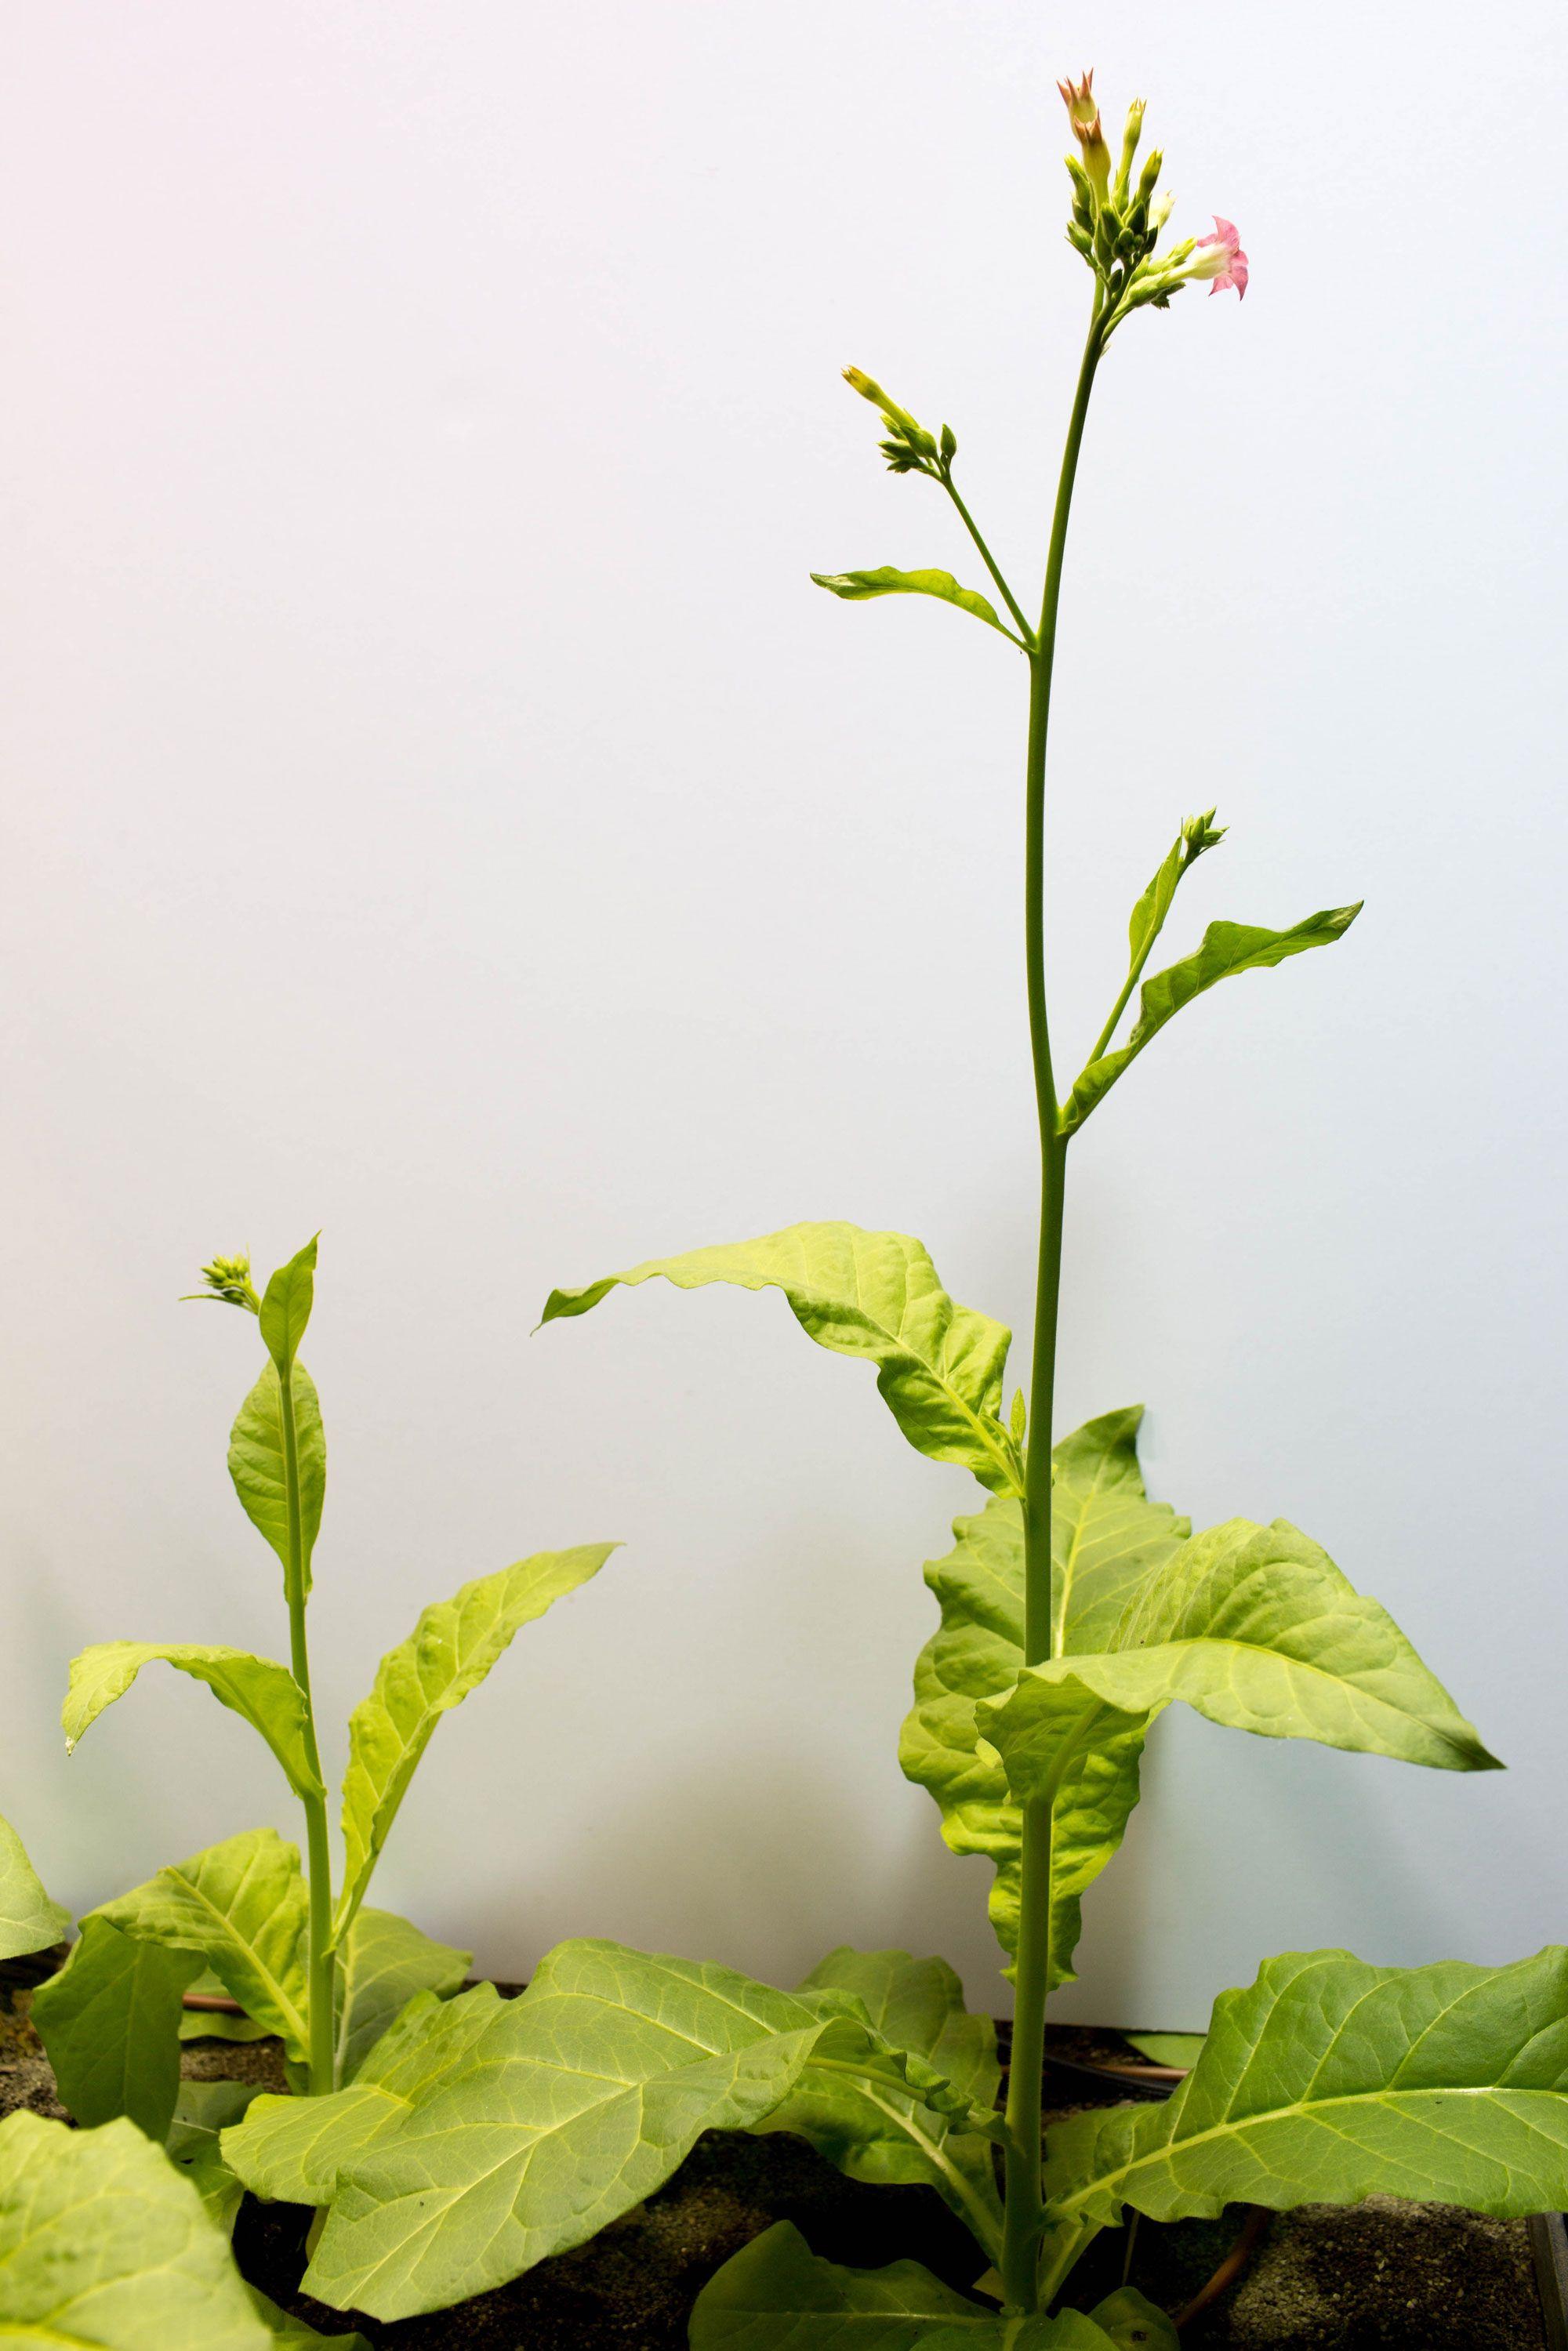 遺伝子工学で作った「光合成強化タバコ」、1.4倍に成長